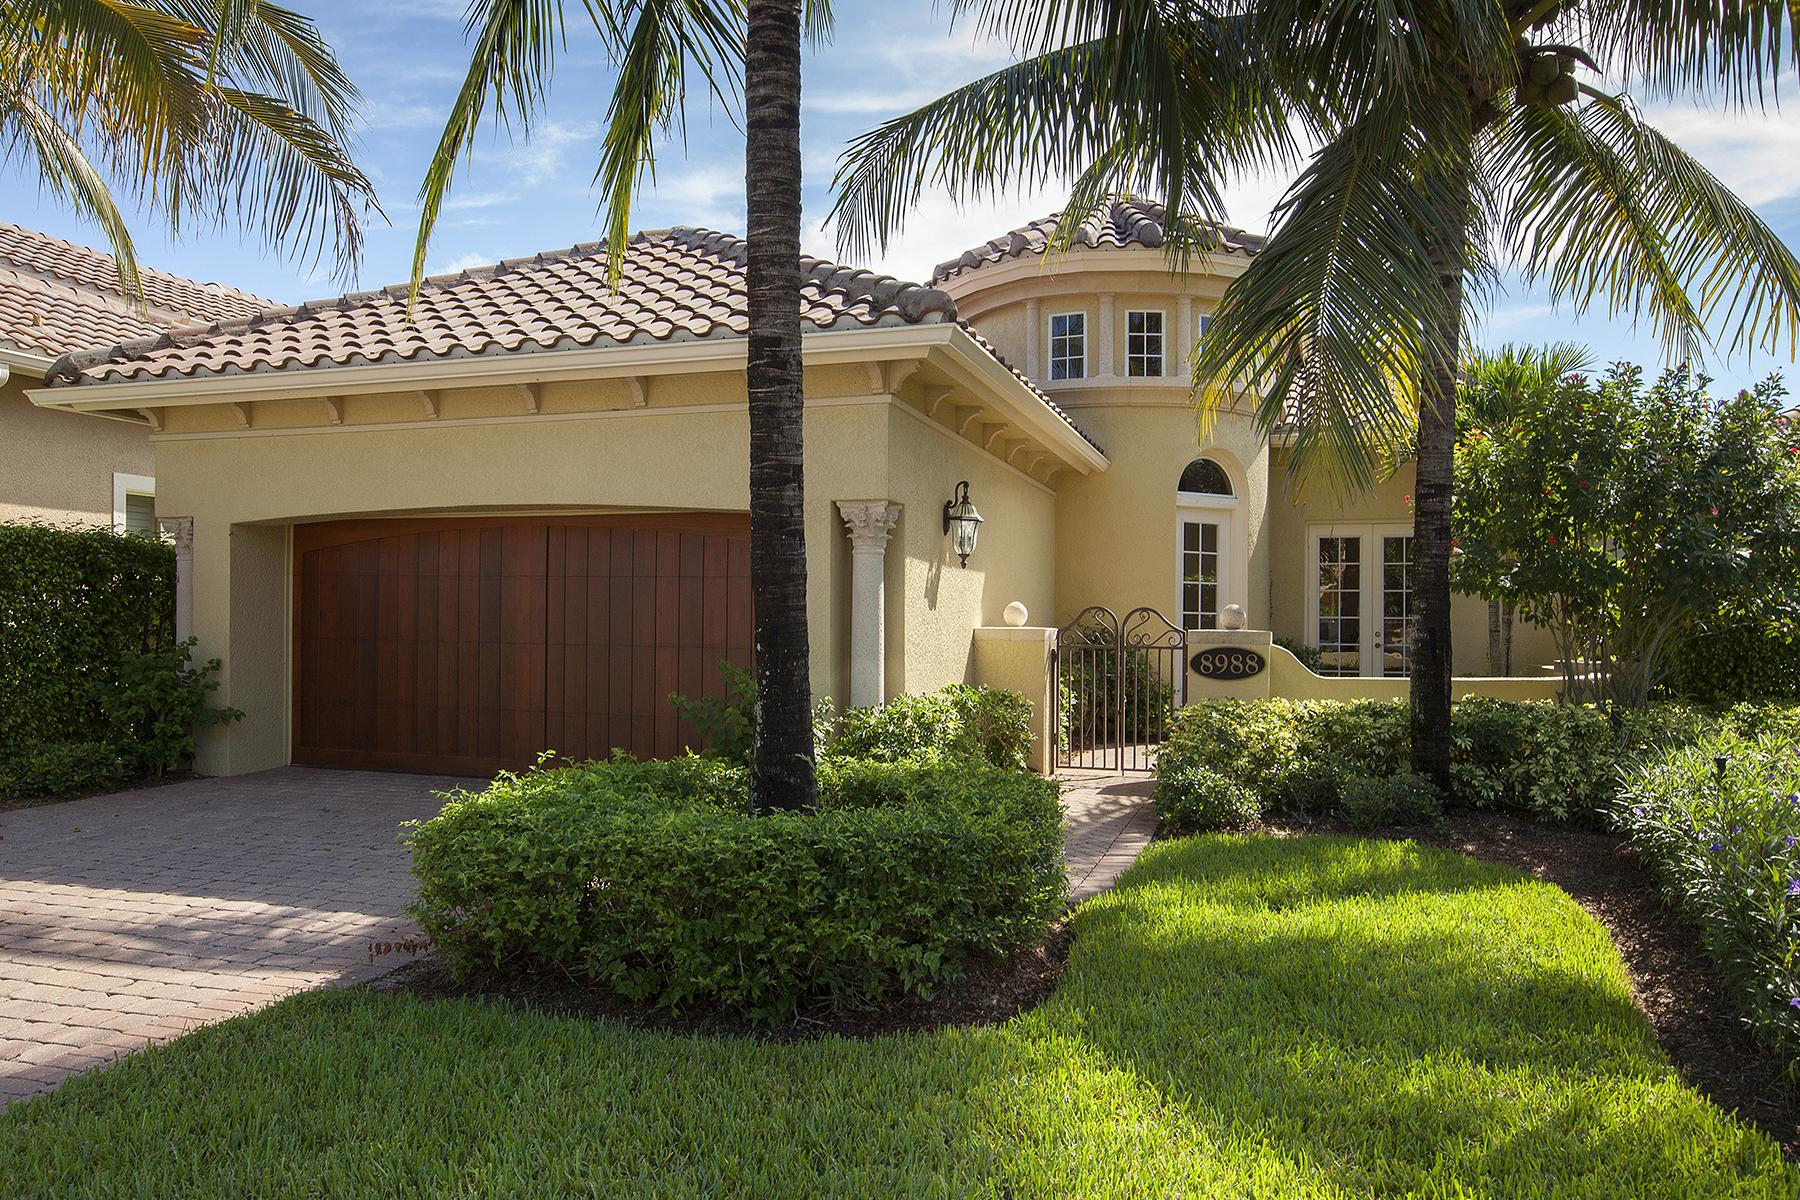 Einfamilienhaus für Verkauf beim CRANBERRY CROSSING 8988 Cherry Oaks Trl Naples, Florida, 34114 Vereinigte Staaten